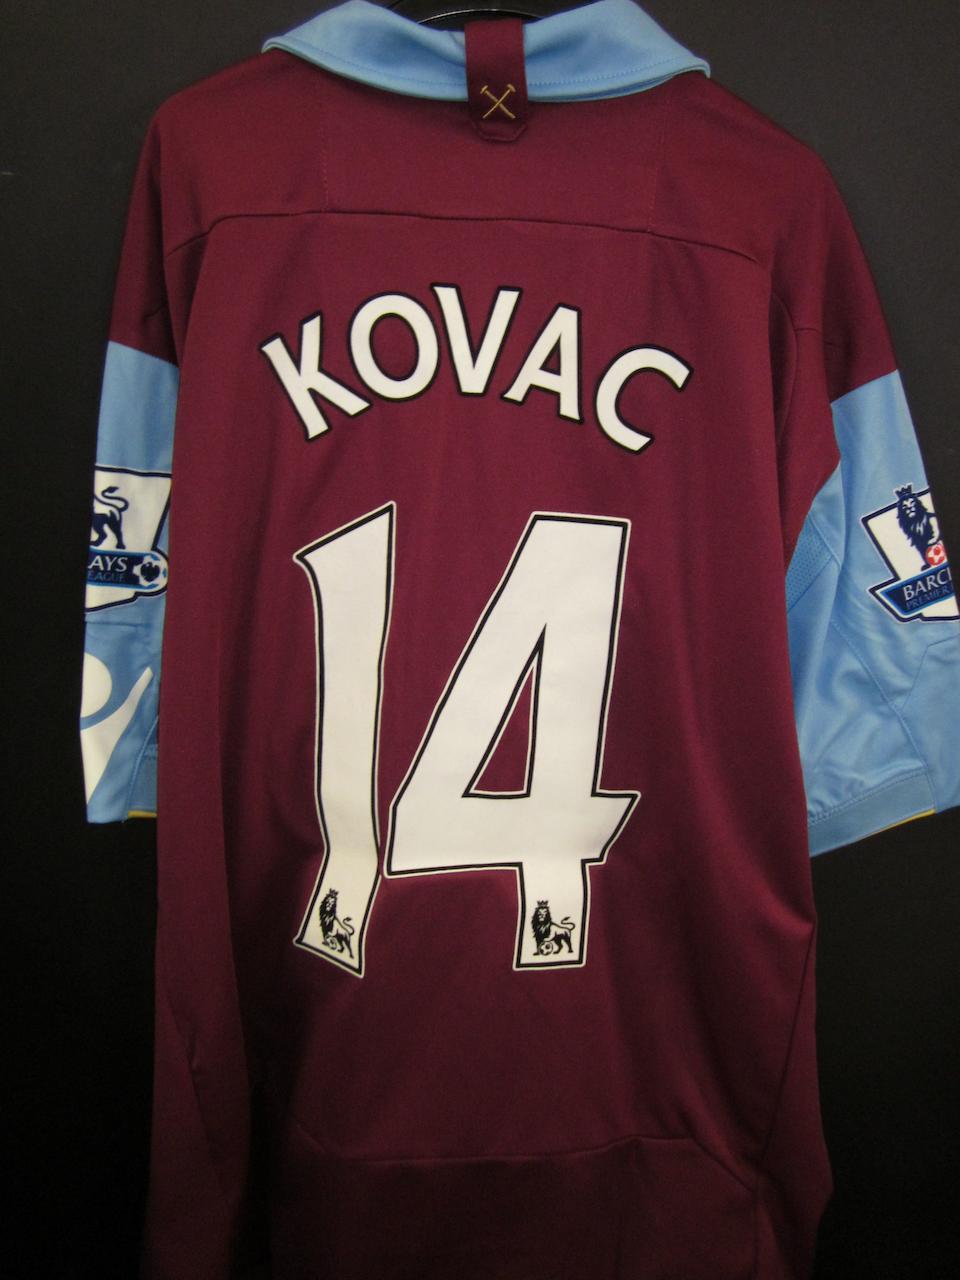 2010 Radoslav Kovac match worn West Ham shirt